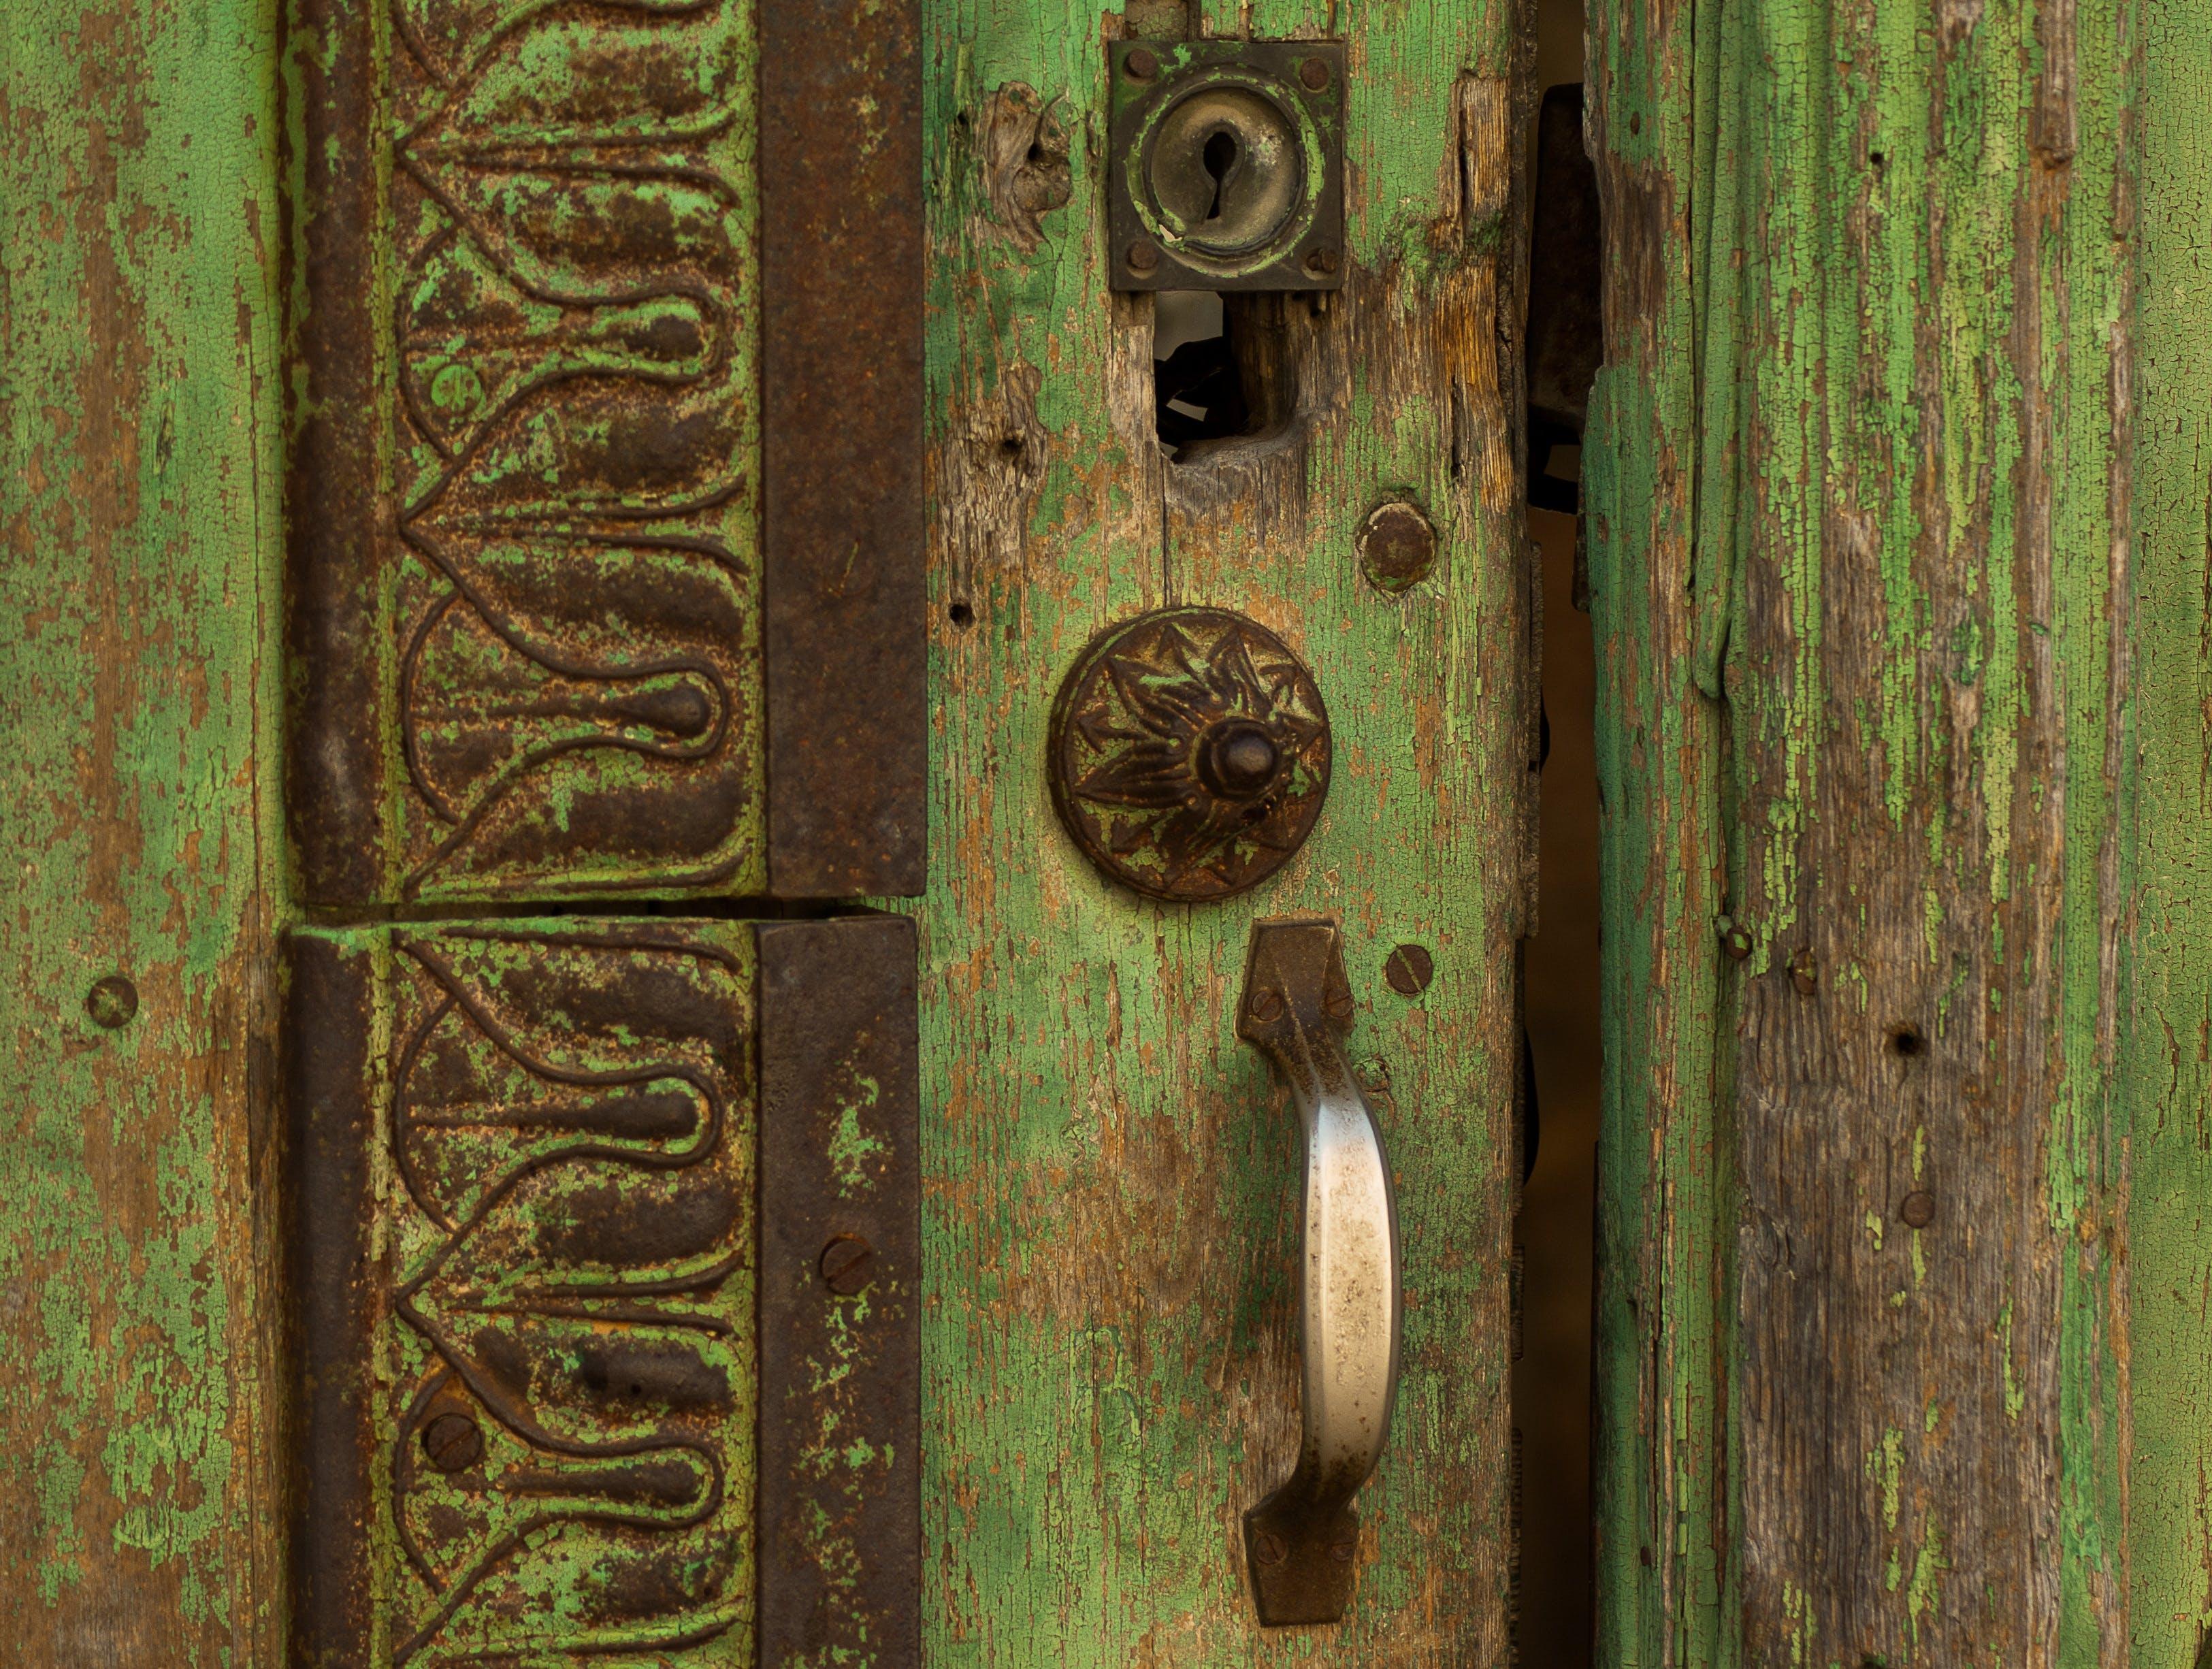 Free stock photo of door, entry, lock, wooden door